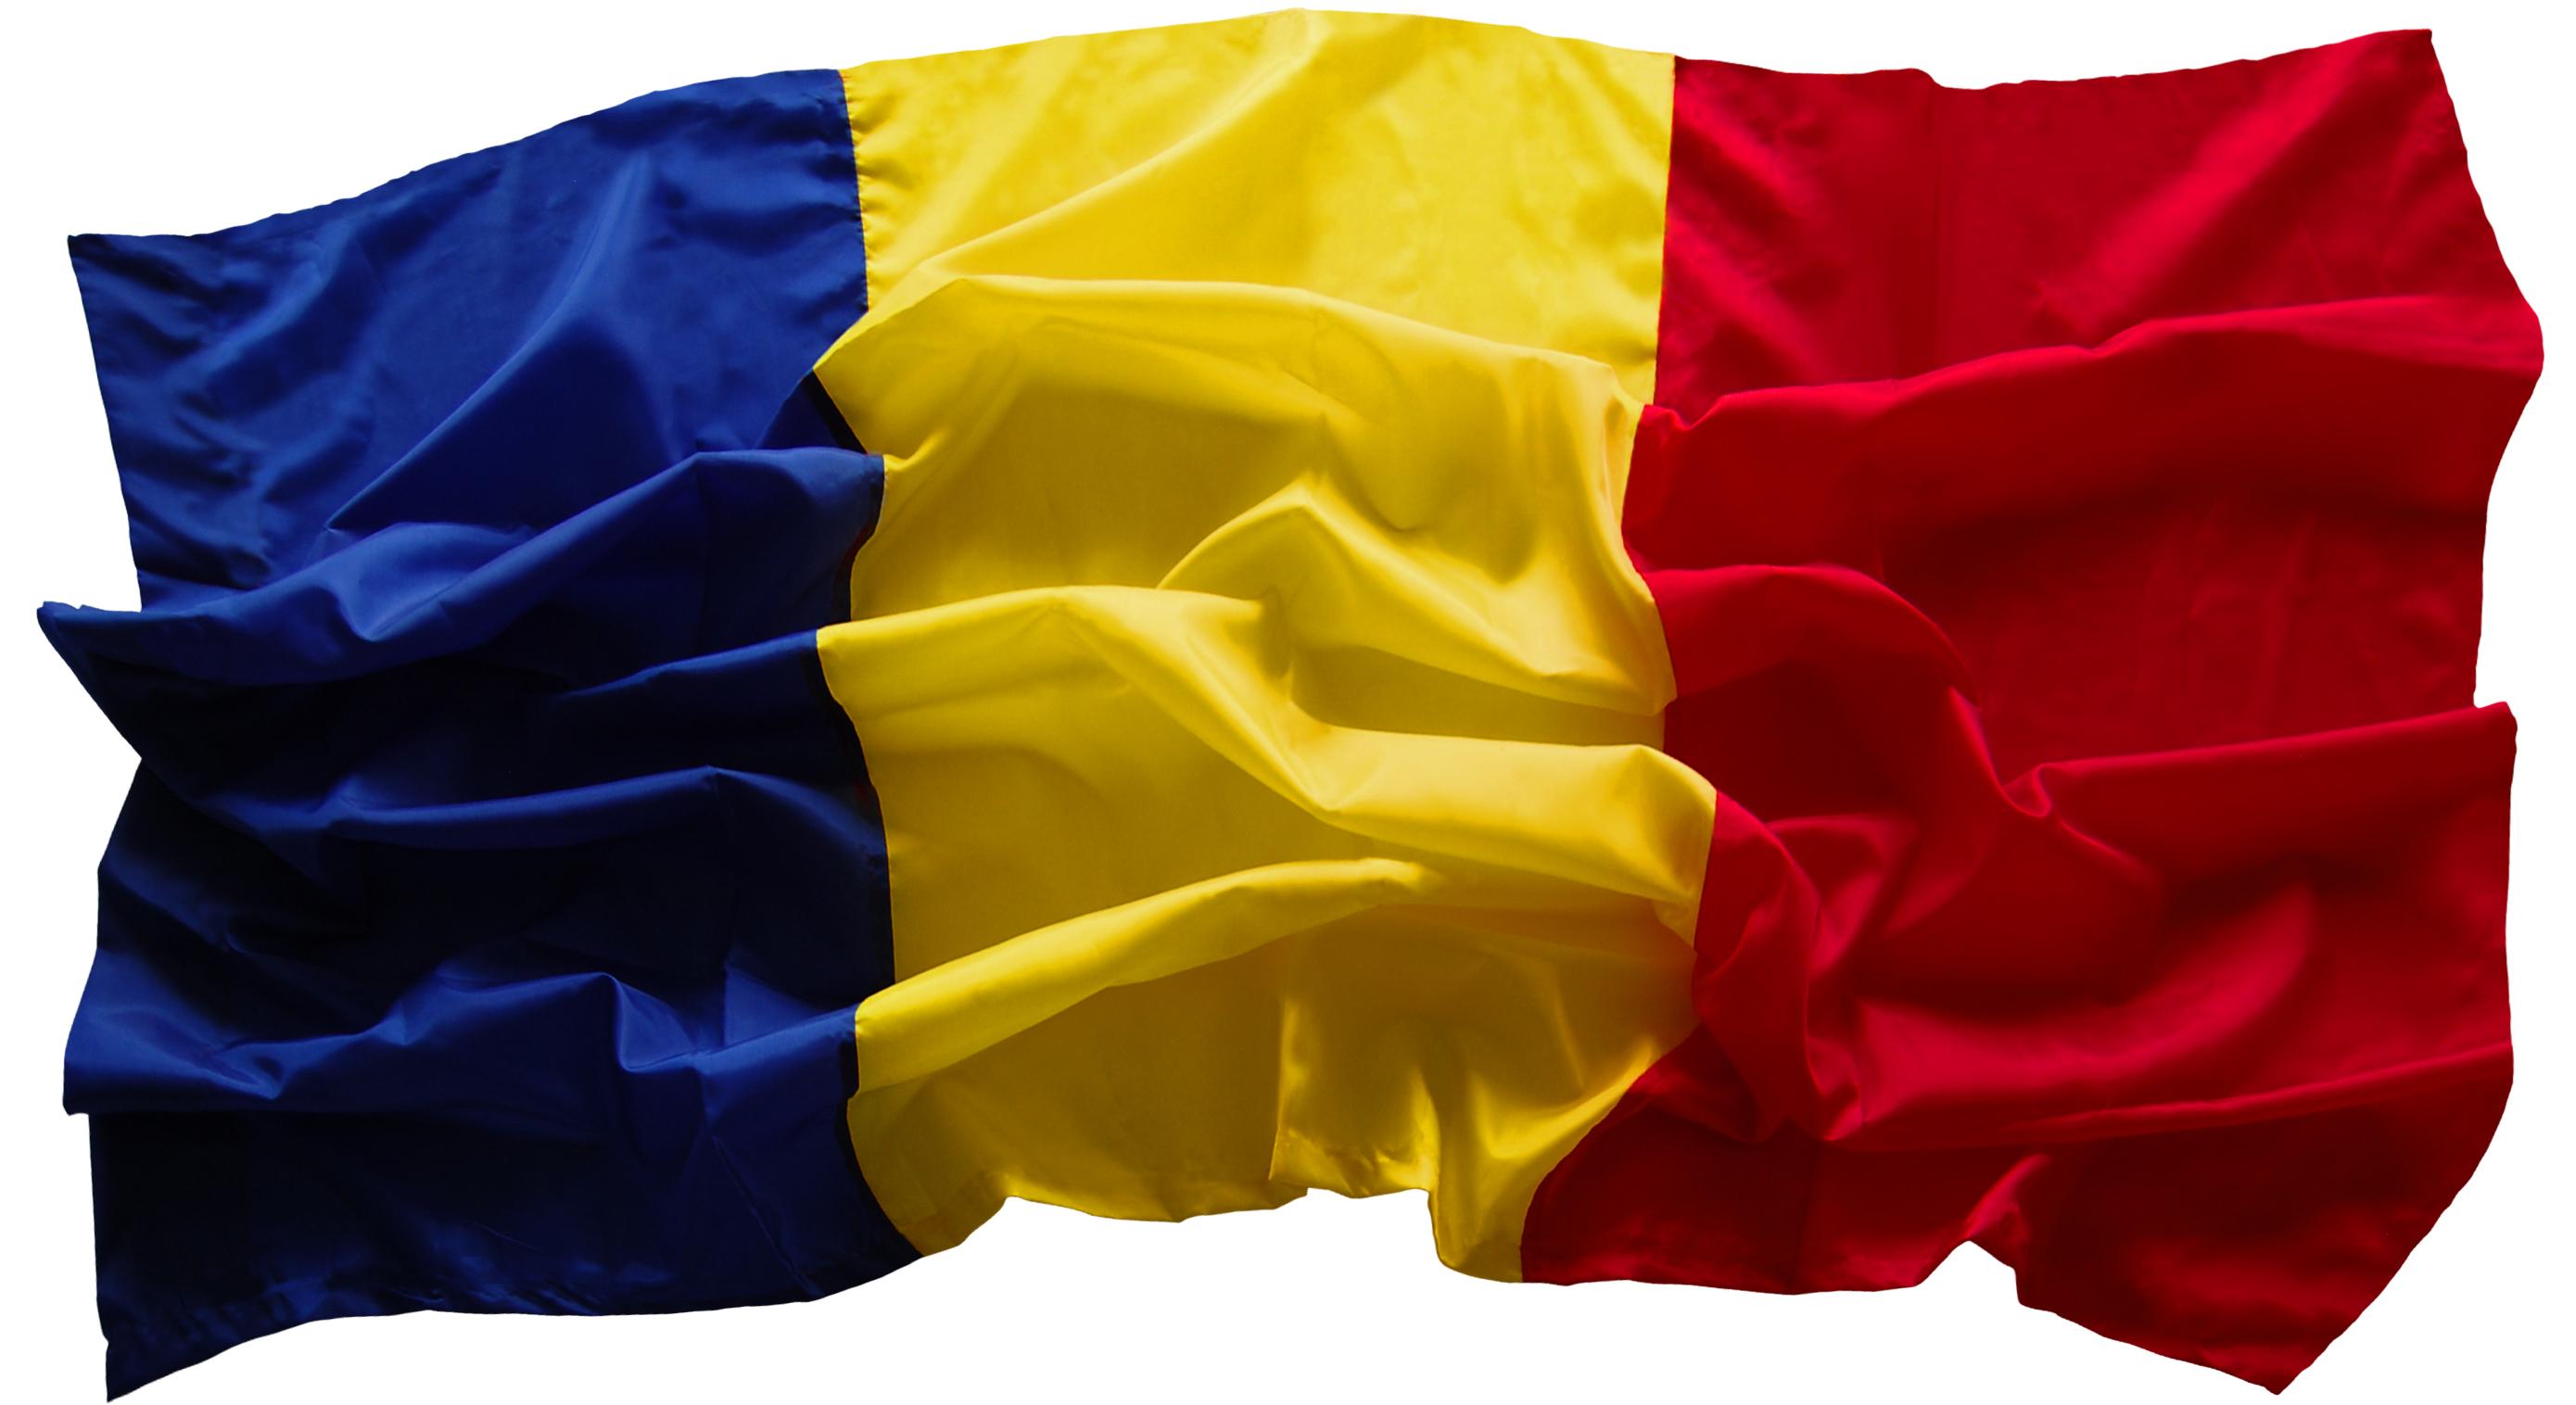 учреждения румынский флаг фото бутовщиком